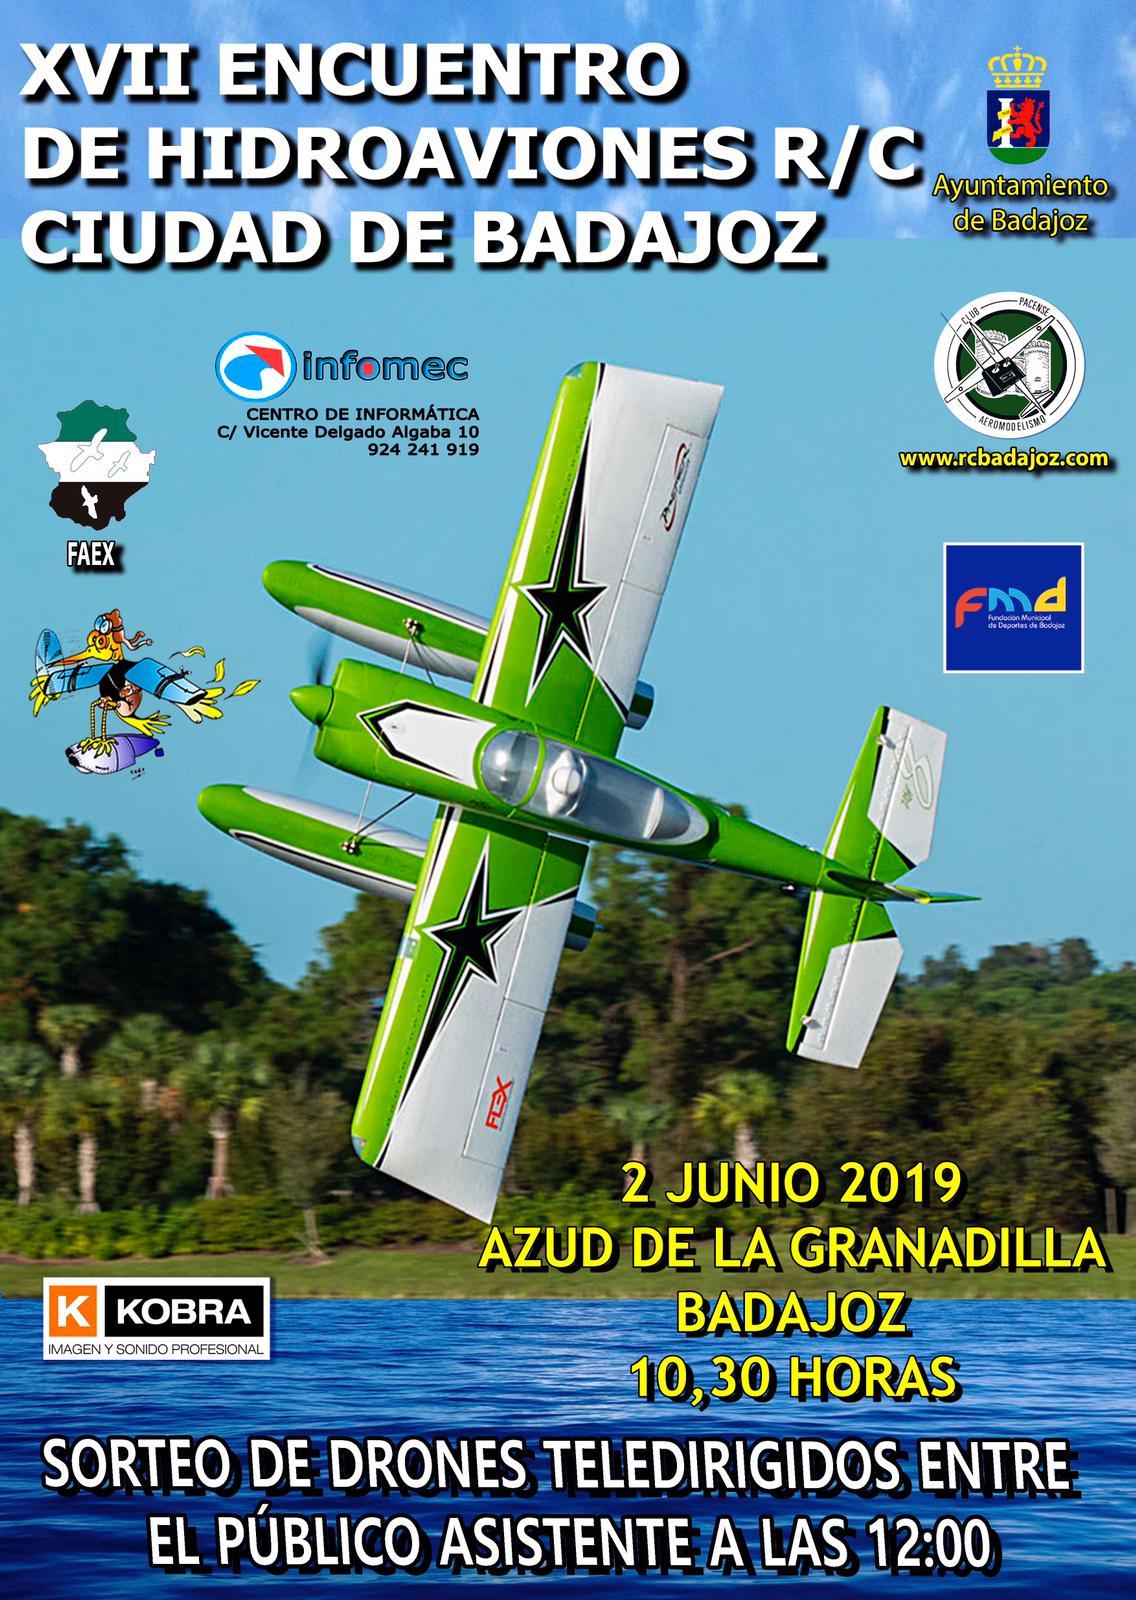 XVII ENCUENTRO HIDROAVIONES CIUDAD DE BADAJOZ